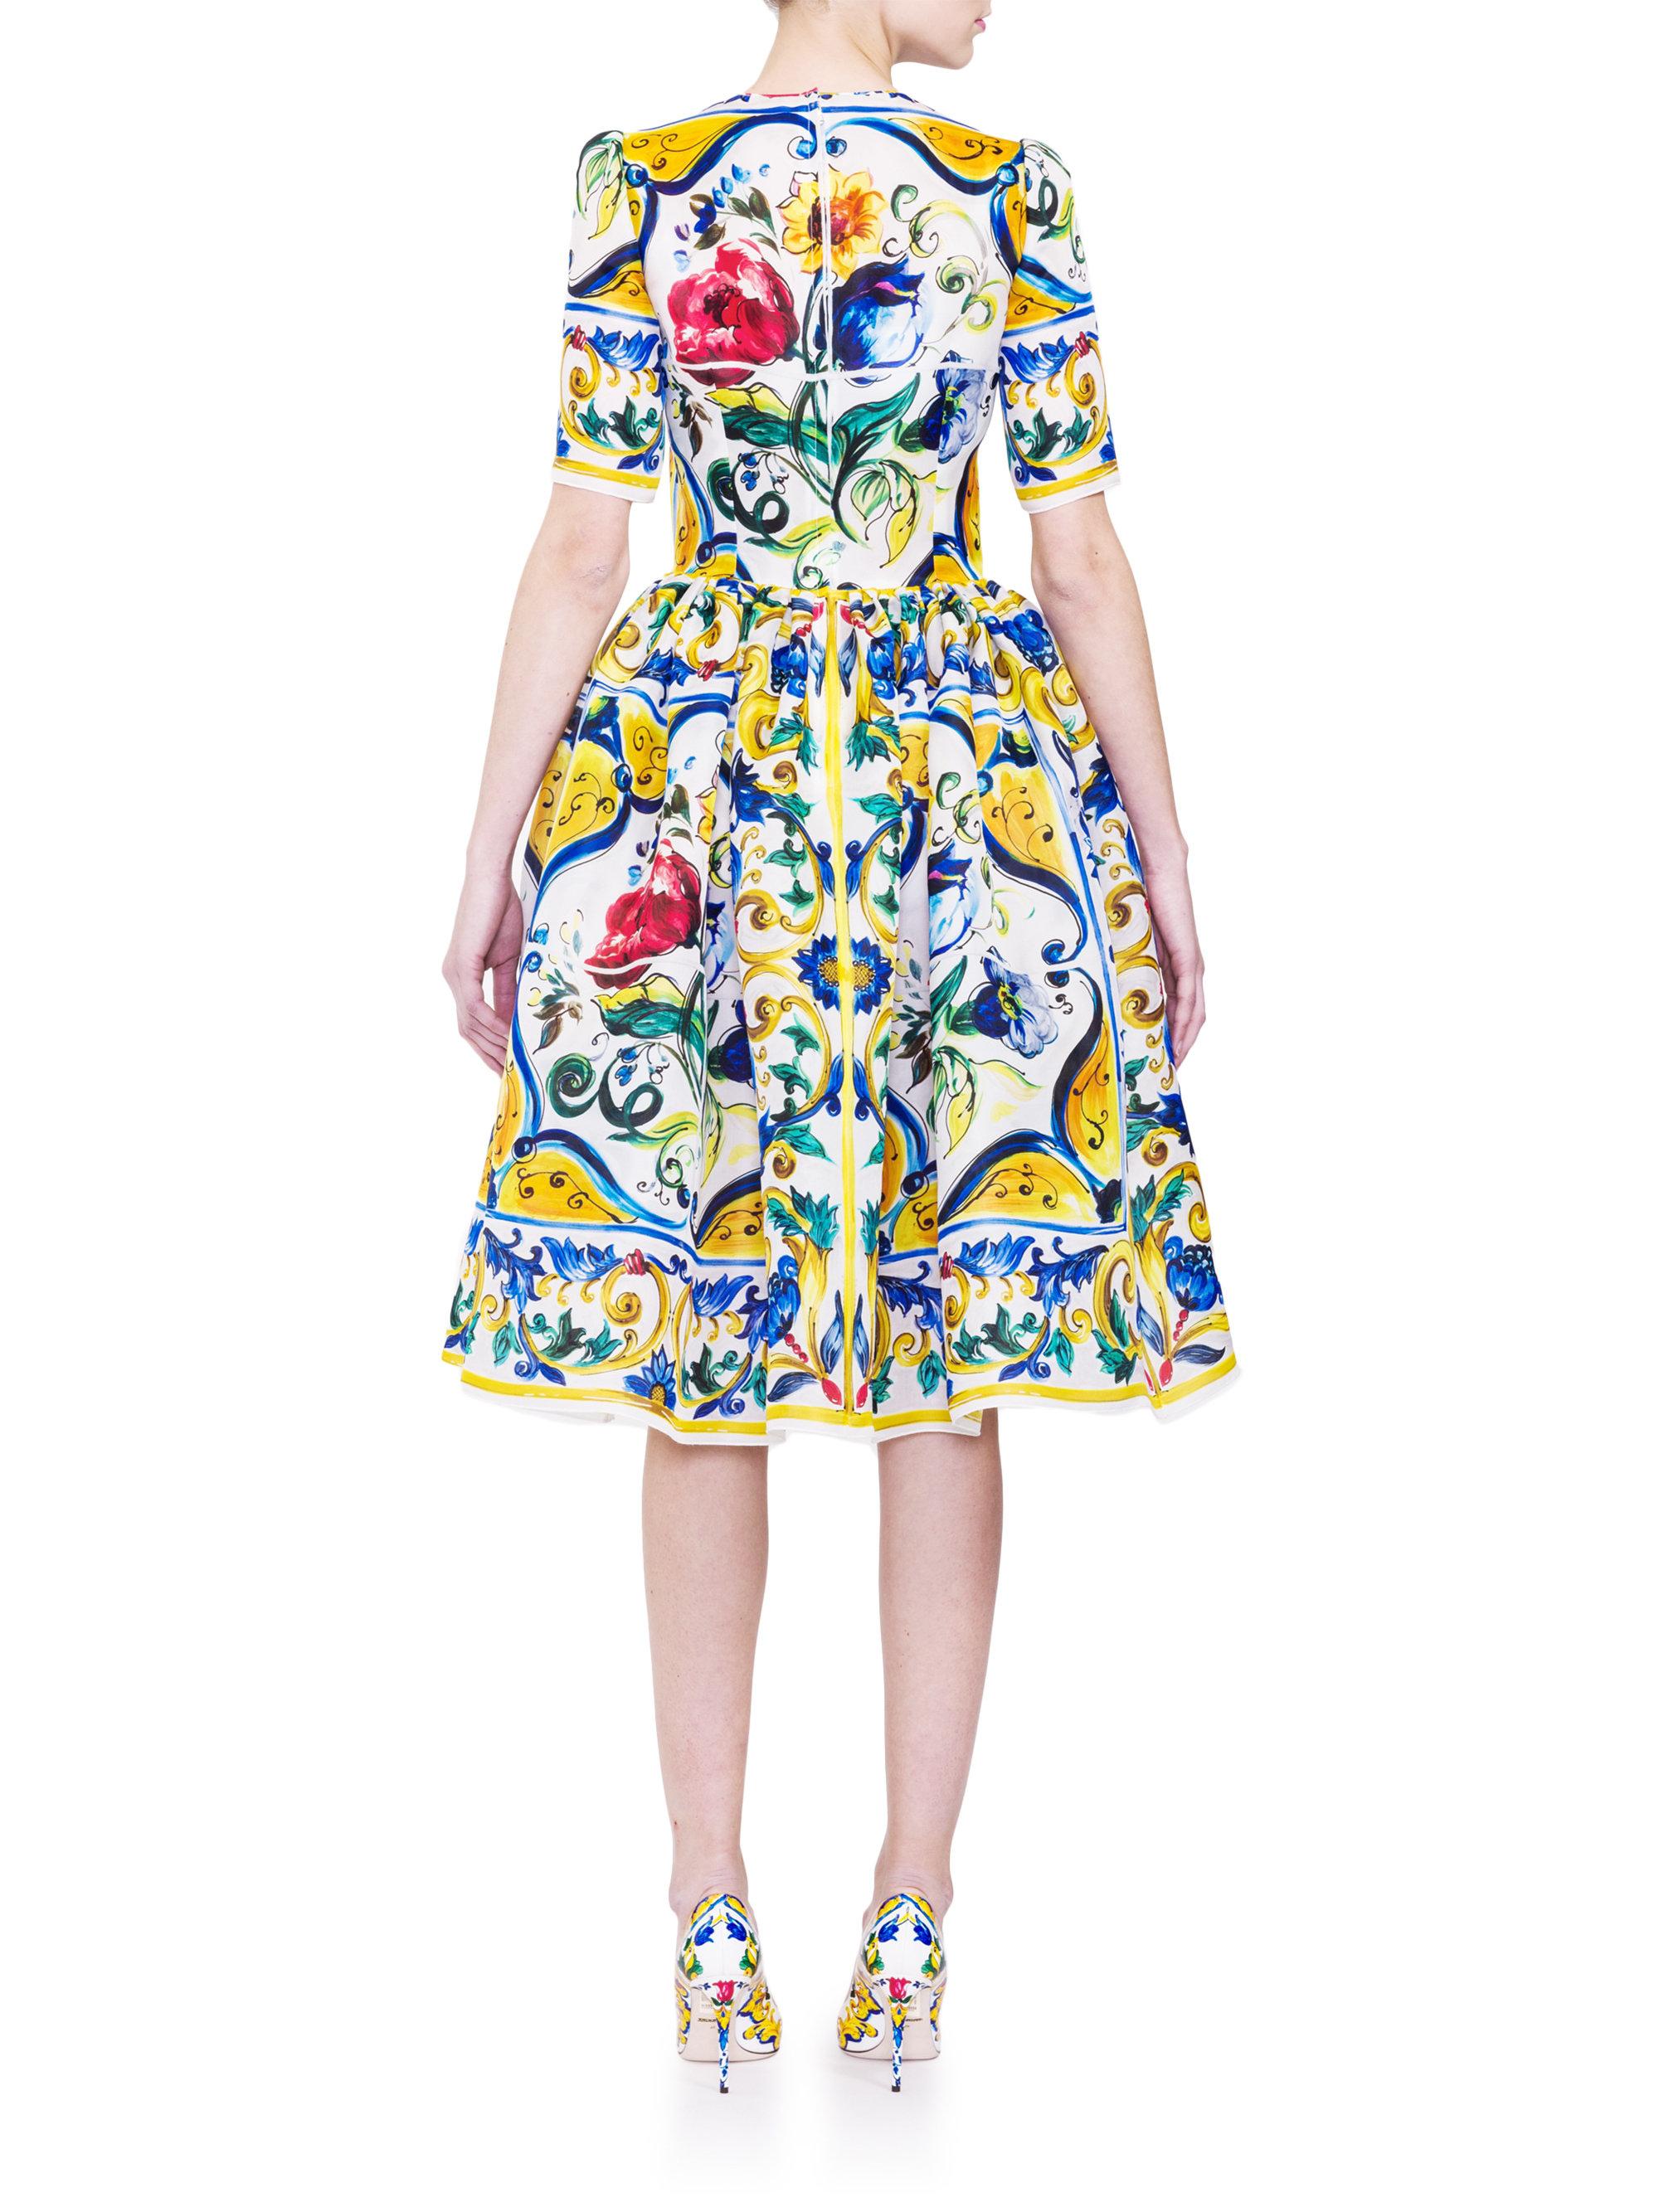 Dolce & gabbana Silk Organza Tile-print Dress